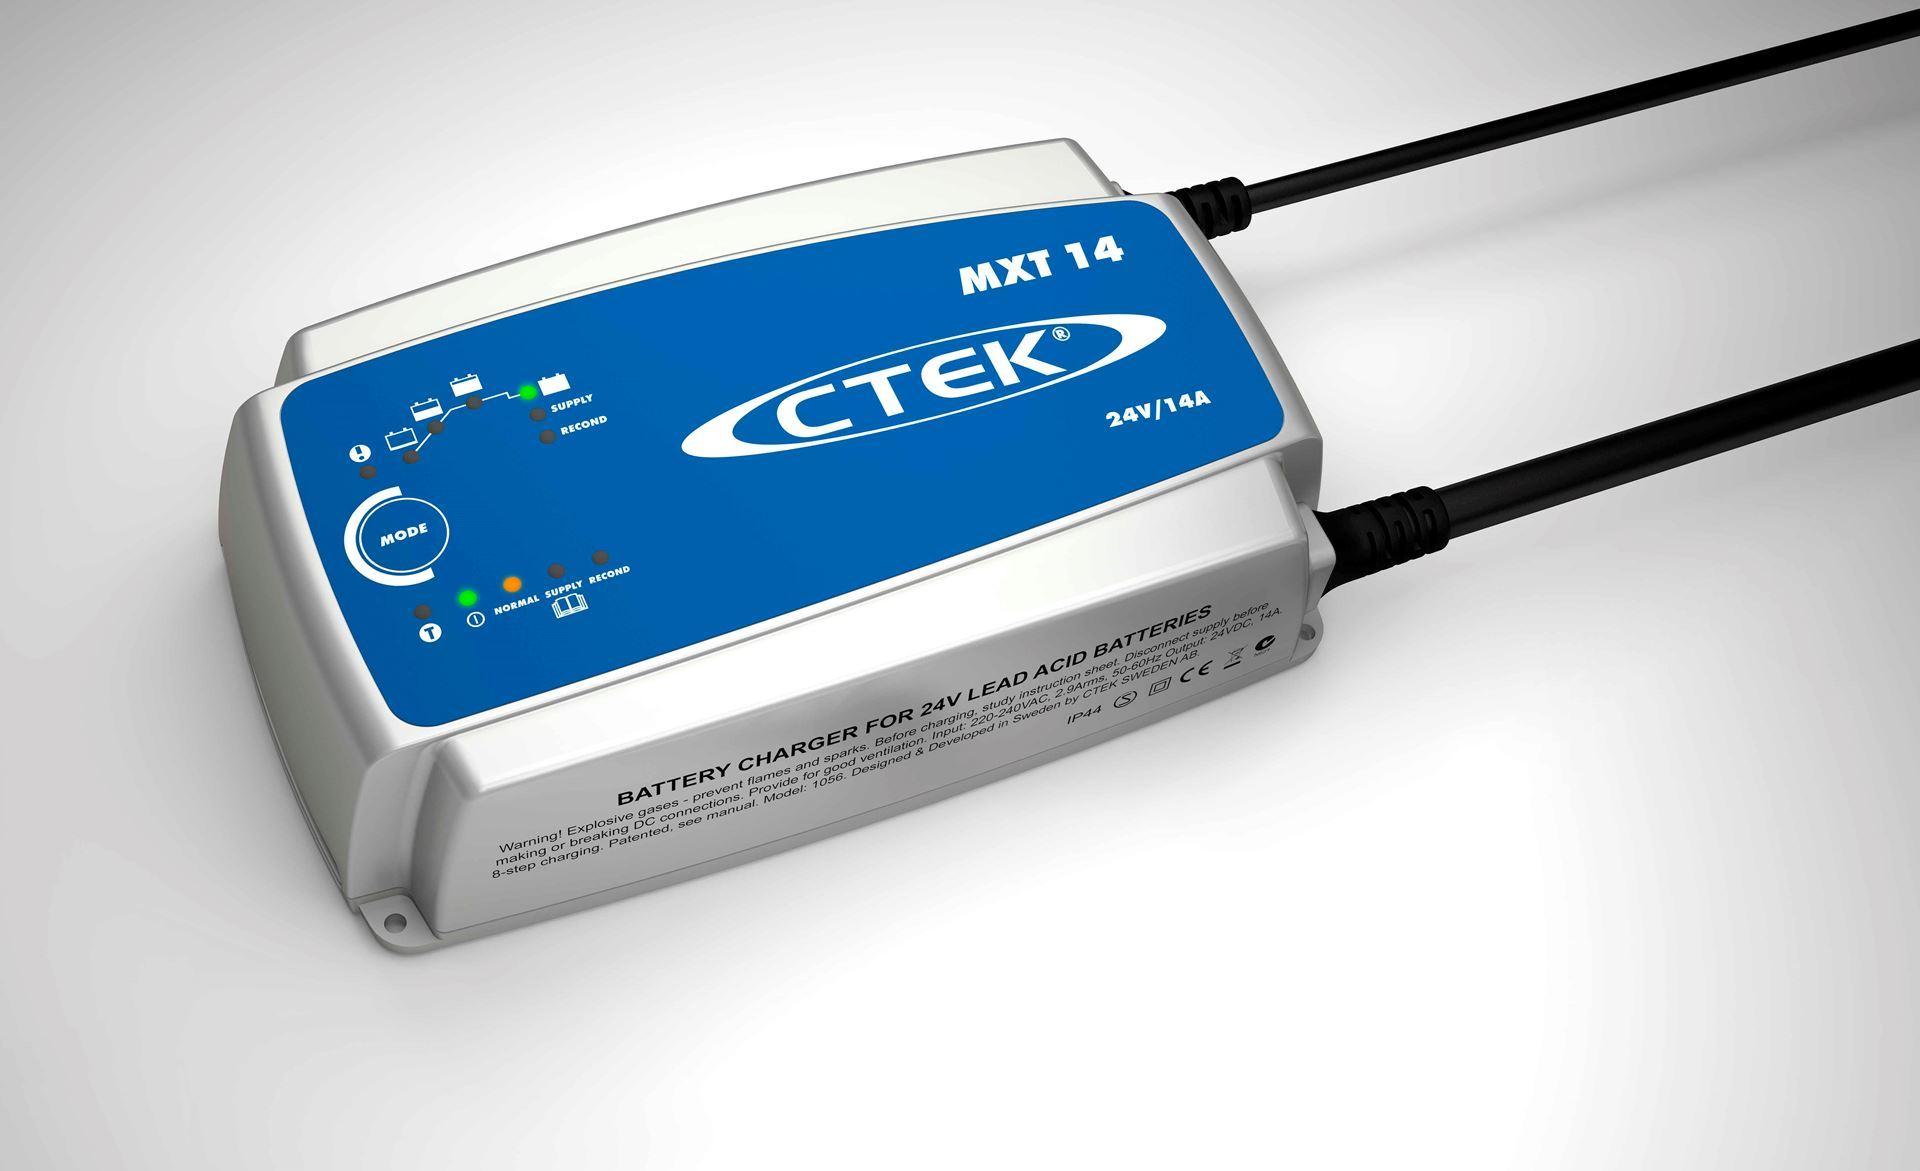 CTEK smart batteriladere fra Nordic Lift